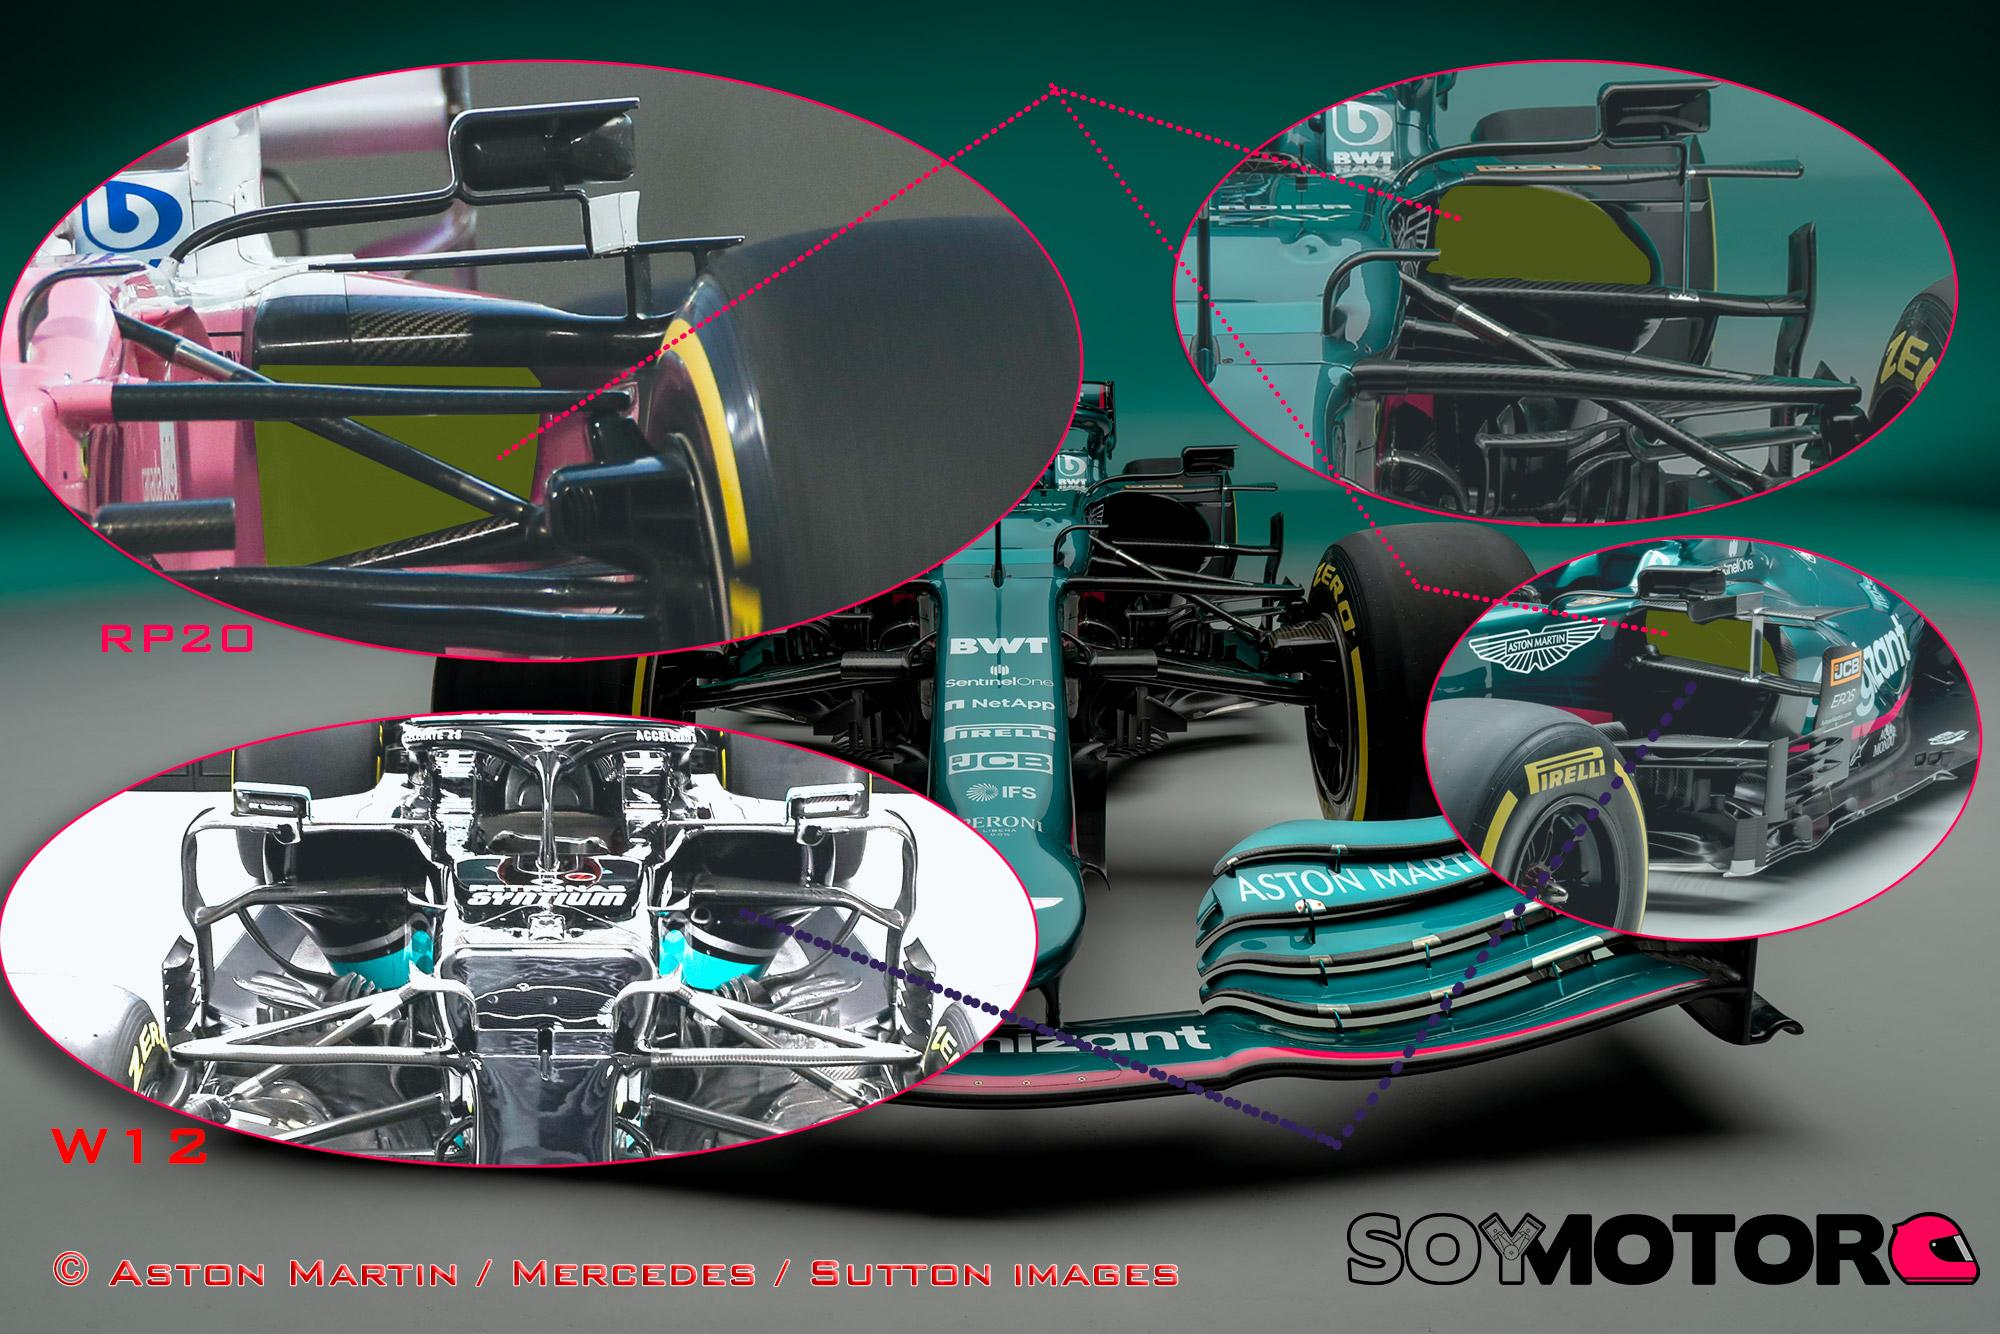 amr21-w11-12-pontones-soymotor.jpg